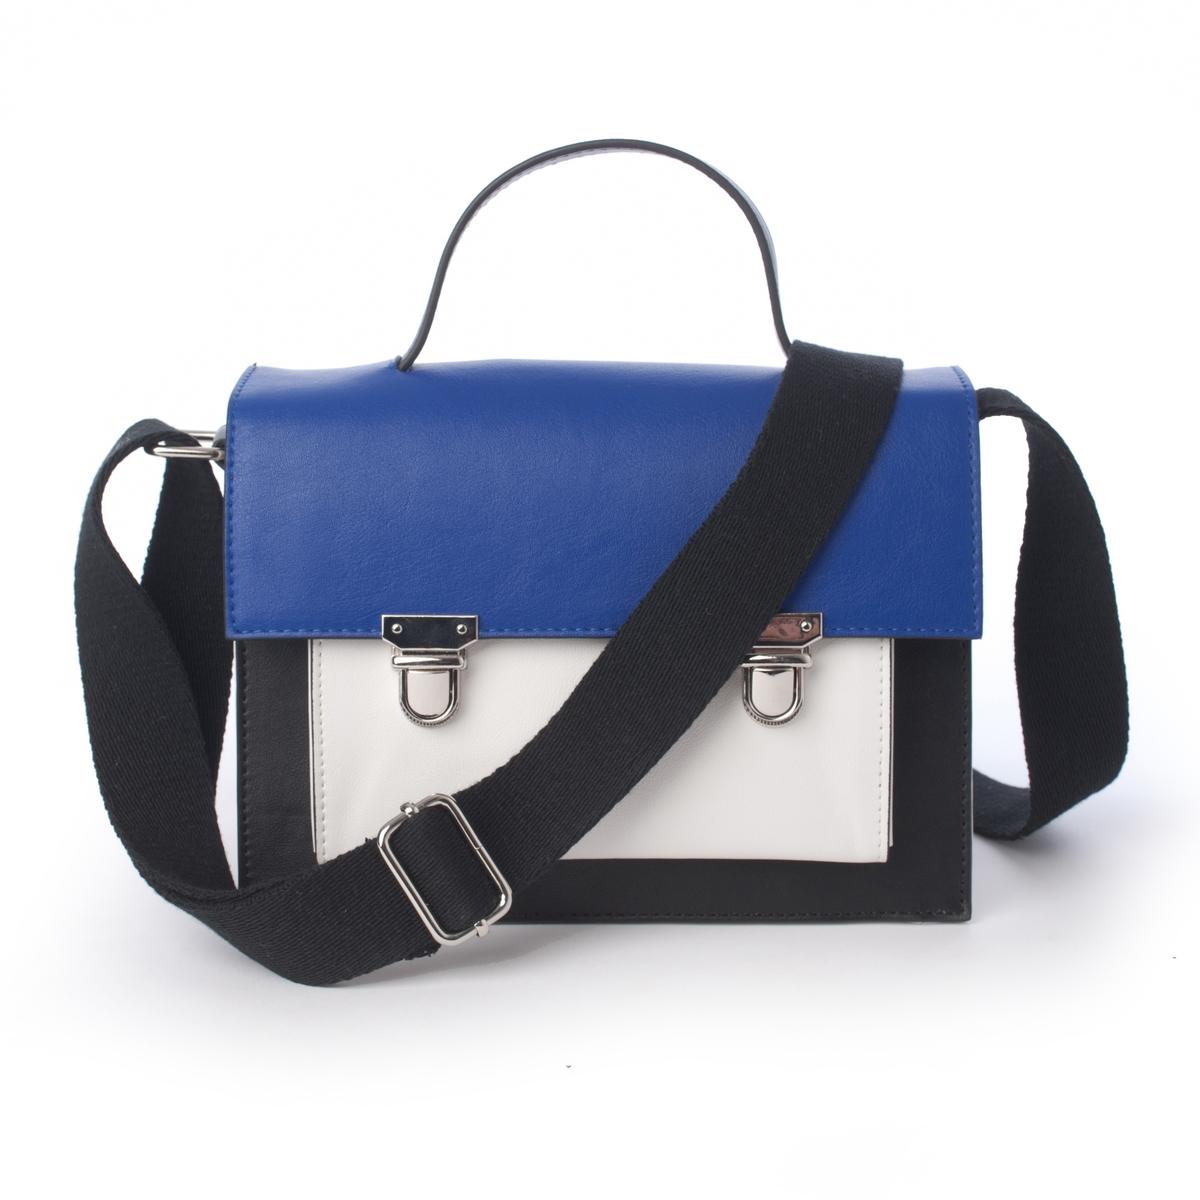 Сумка-портфель двухцветнаяСумка-портфель двухцветная Mademoiselle R.Модная и практичная сумка-портфель идеально подходит для офисной работы. Классическое и в то же время оригинальное сочетание цветов. Состав и описаниеМатериал: верх  из полиуретана.Подкладка из полиэстера.Марка: Mademoiselle R.Размеры: В.17 x Д.22 x Г.10 см.Застежка: металлический замок.2 отделения + 1 карман на молнии + 1 карман для мобильного телефона + 1 карман спереди.Плечевой ремень: регулируемый, не съемный.<br><br>Цвет: черный/ синий/ белый<br>Размер: единый размер